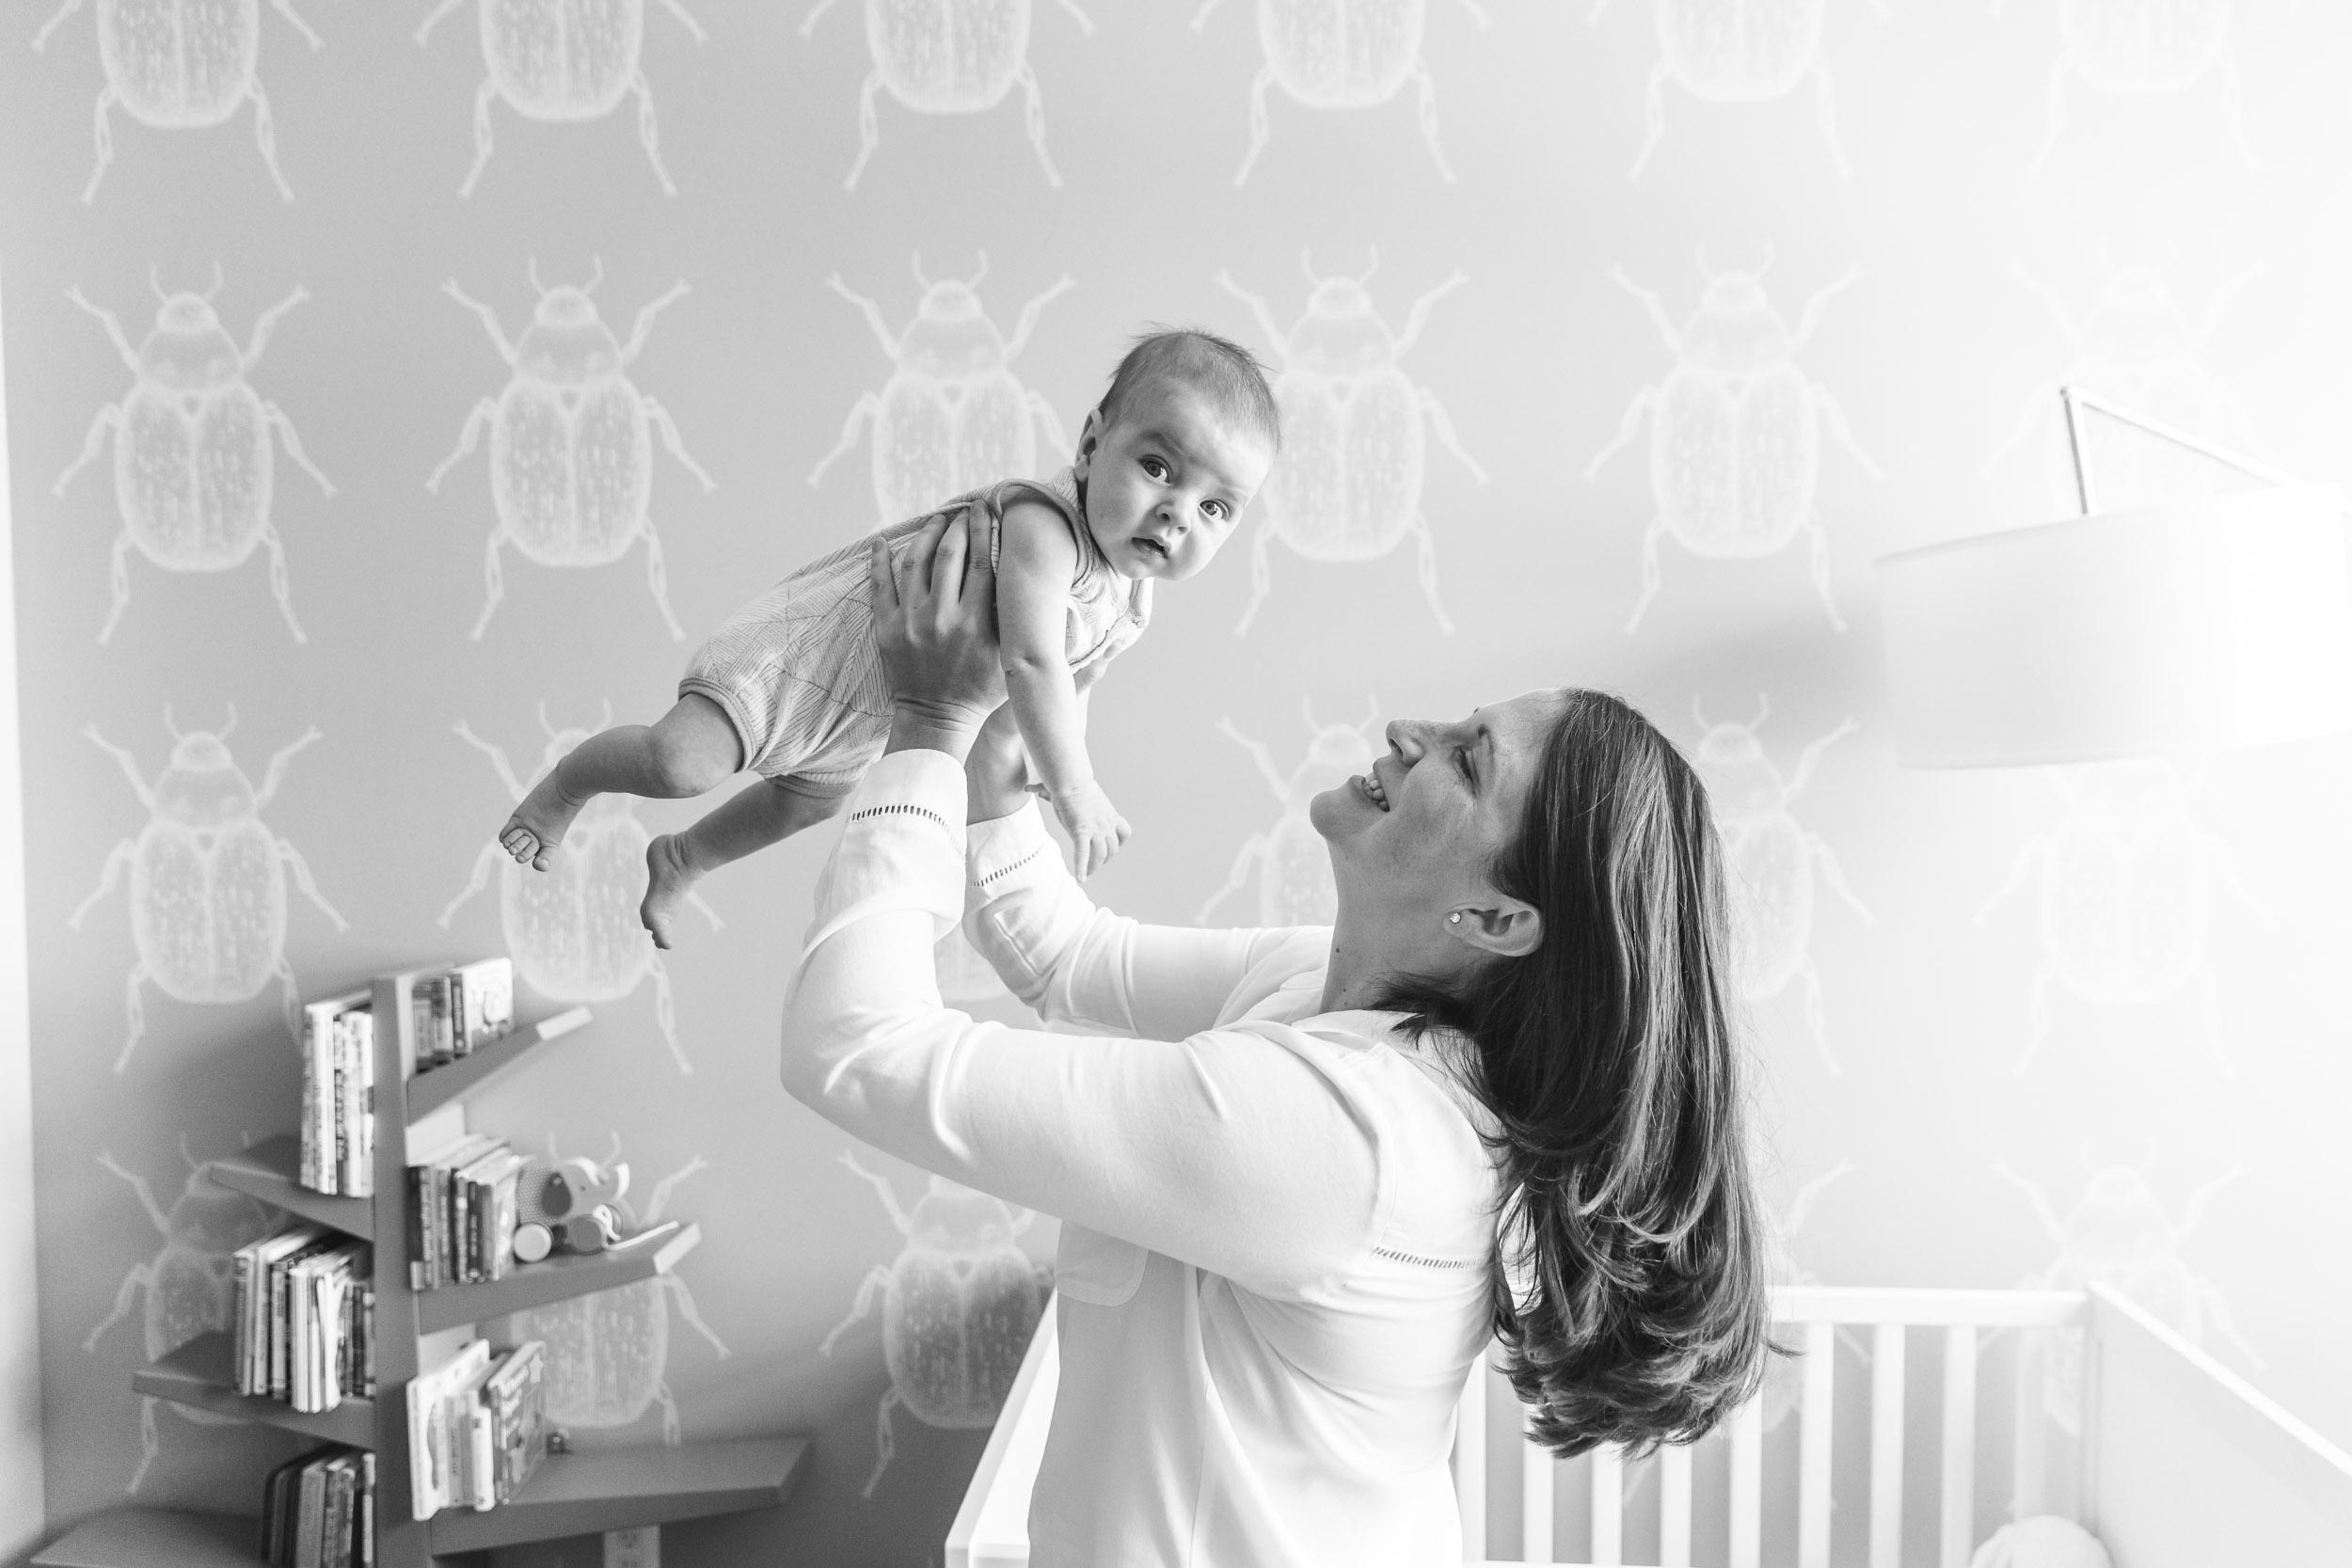 Dumbo_newborn_baby_lifestyle_photographer (18 of 19).jpg